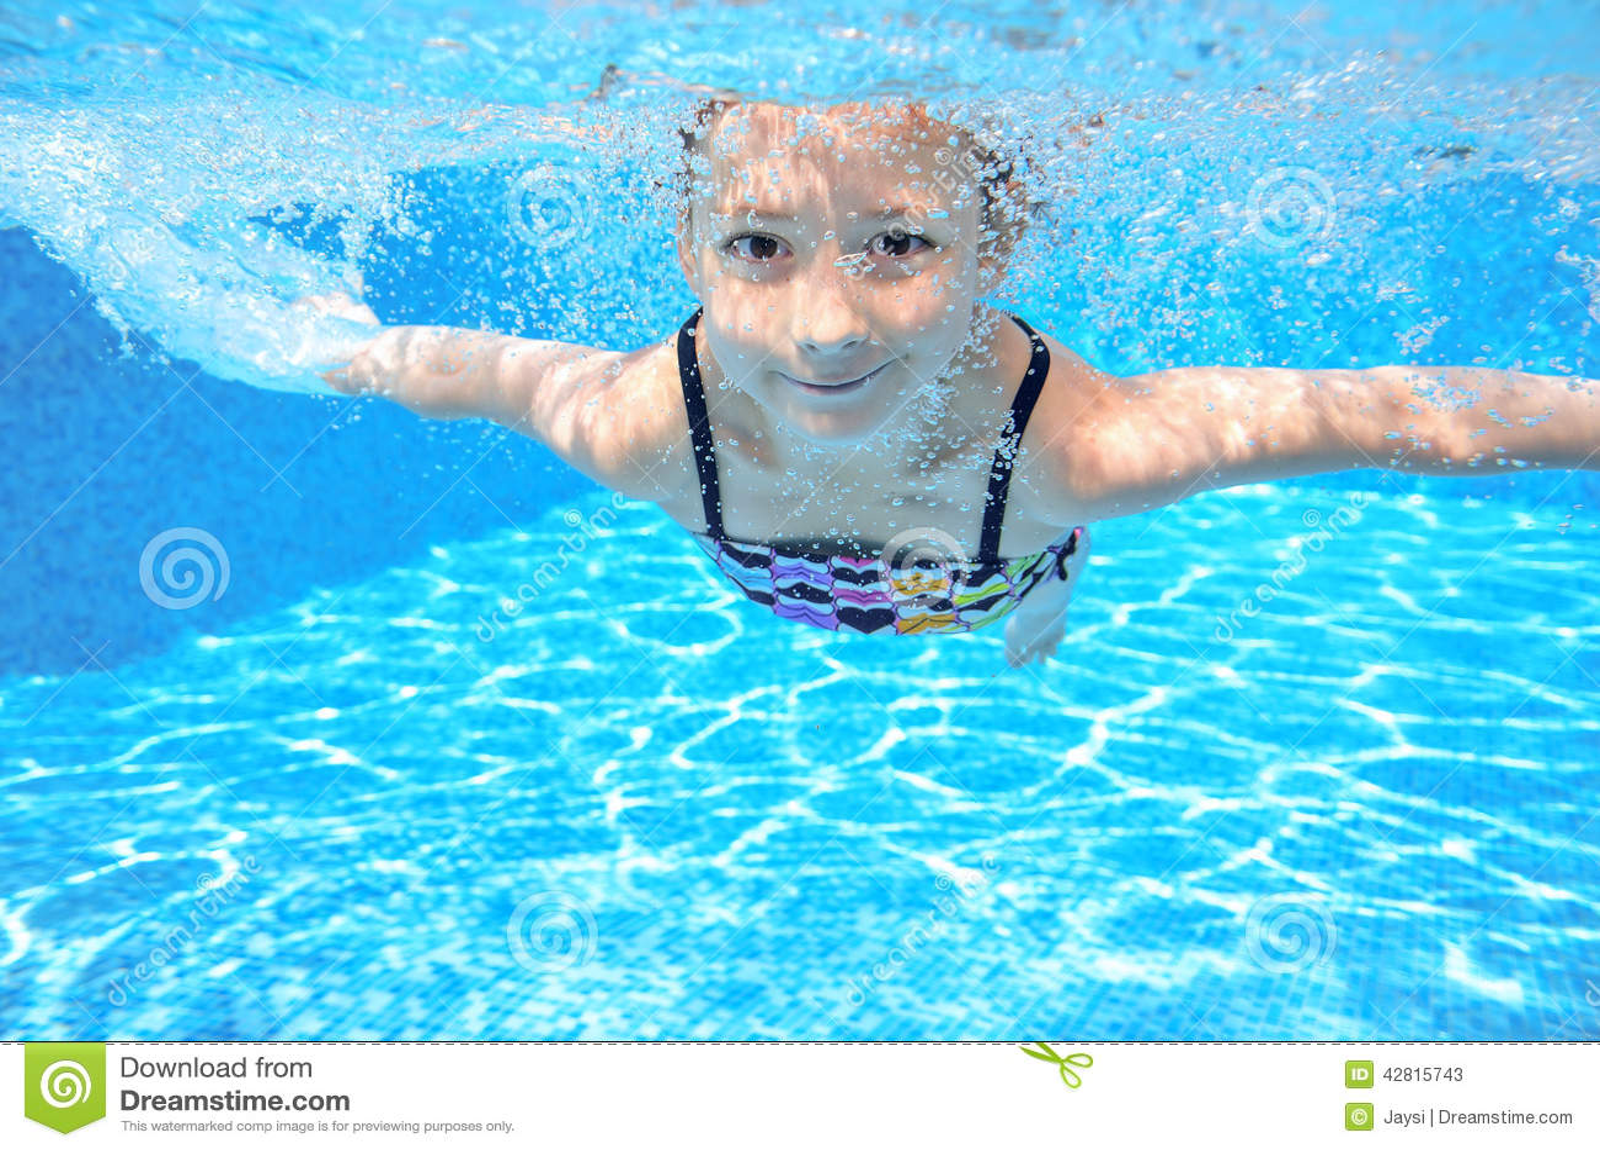 child swimming underwater - photo #46